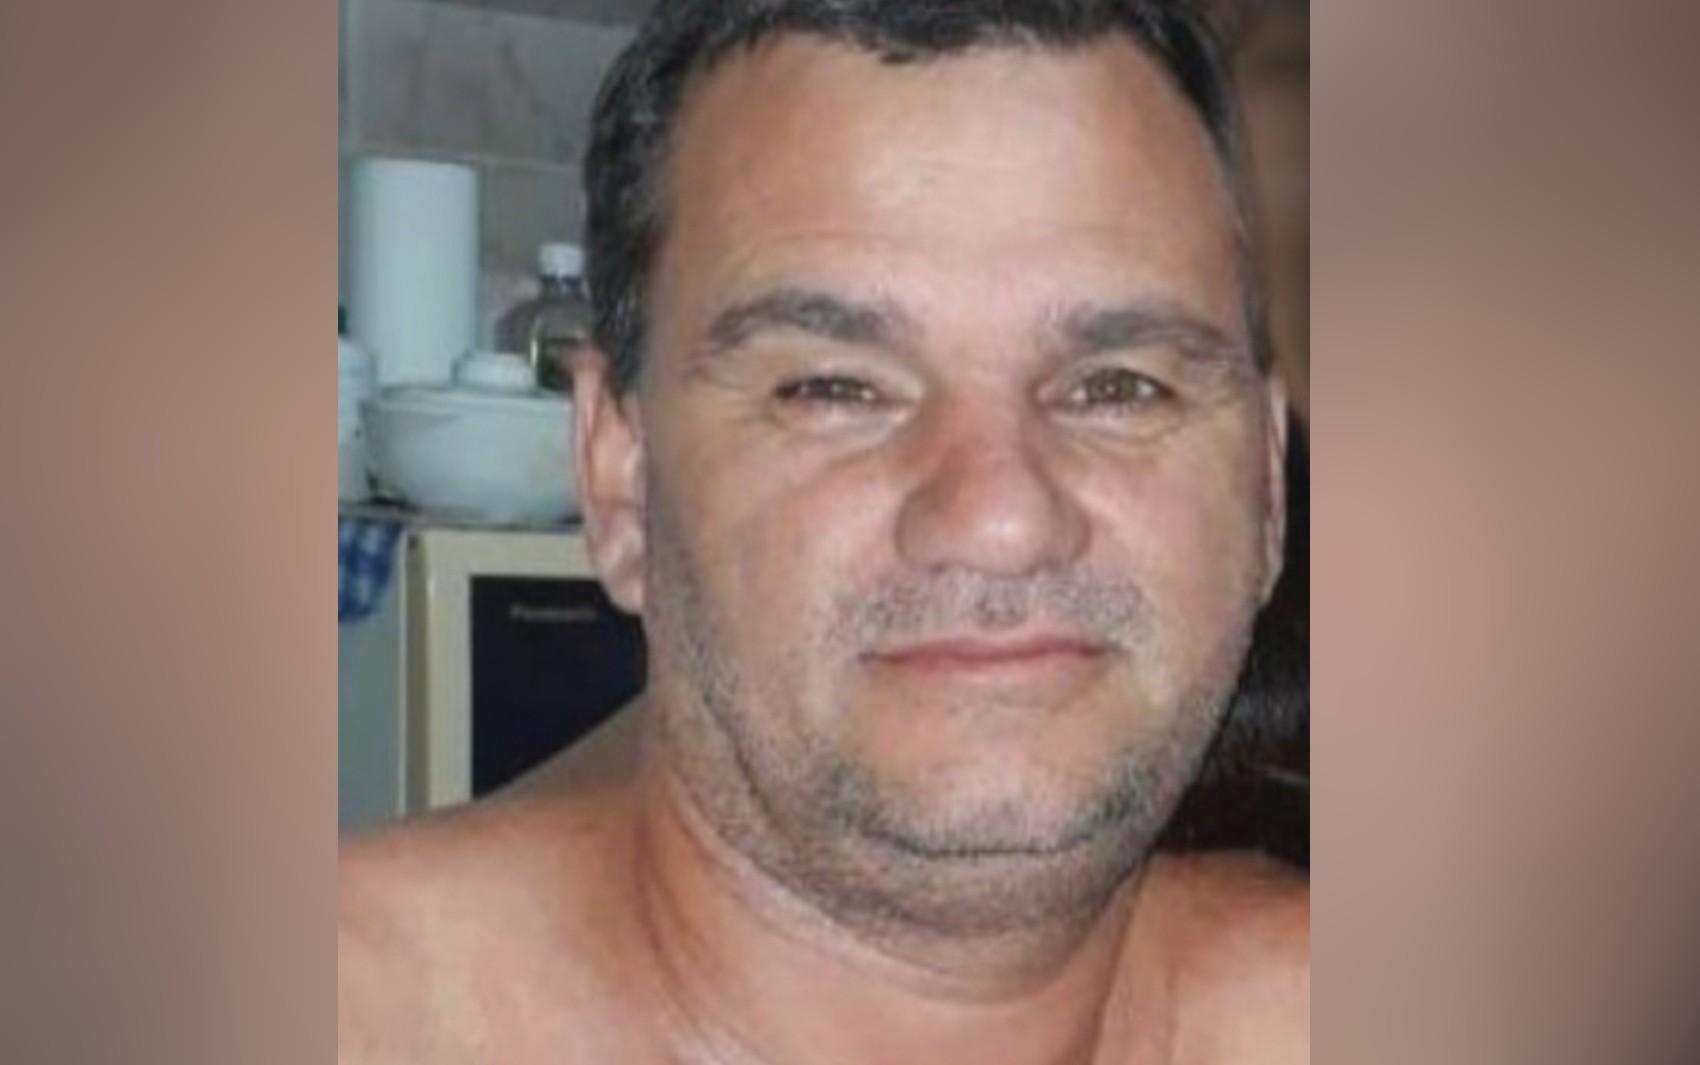 Corpo de homem é liberado do IML por engano e enterrado sem a família saber, em Anápolis